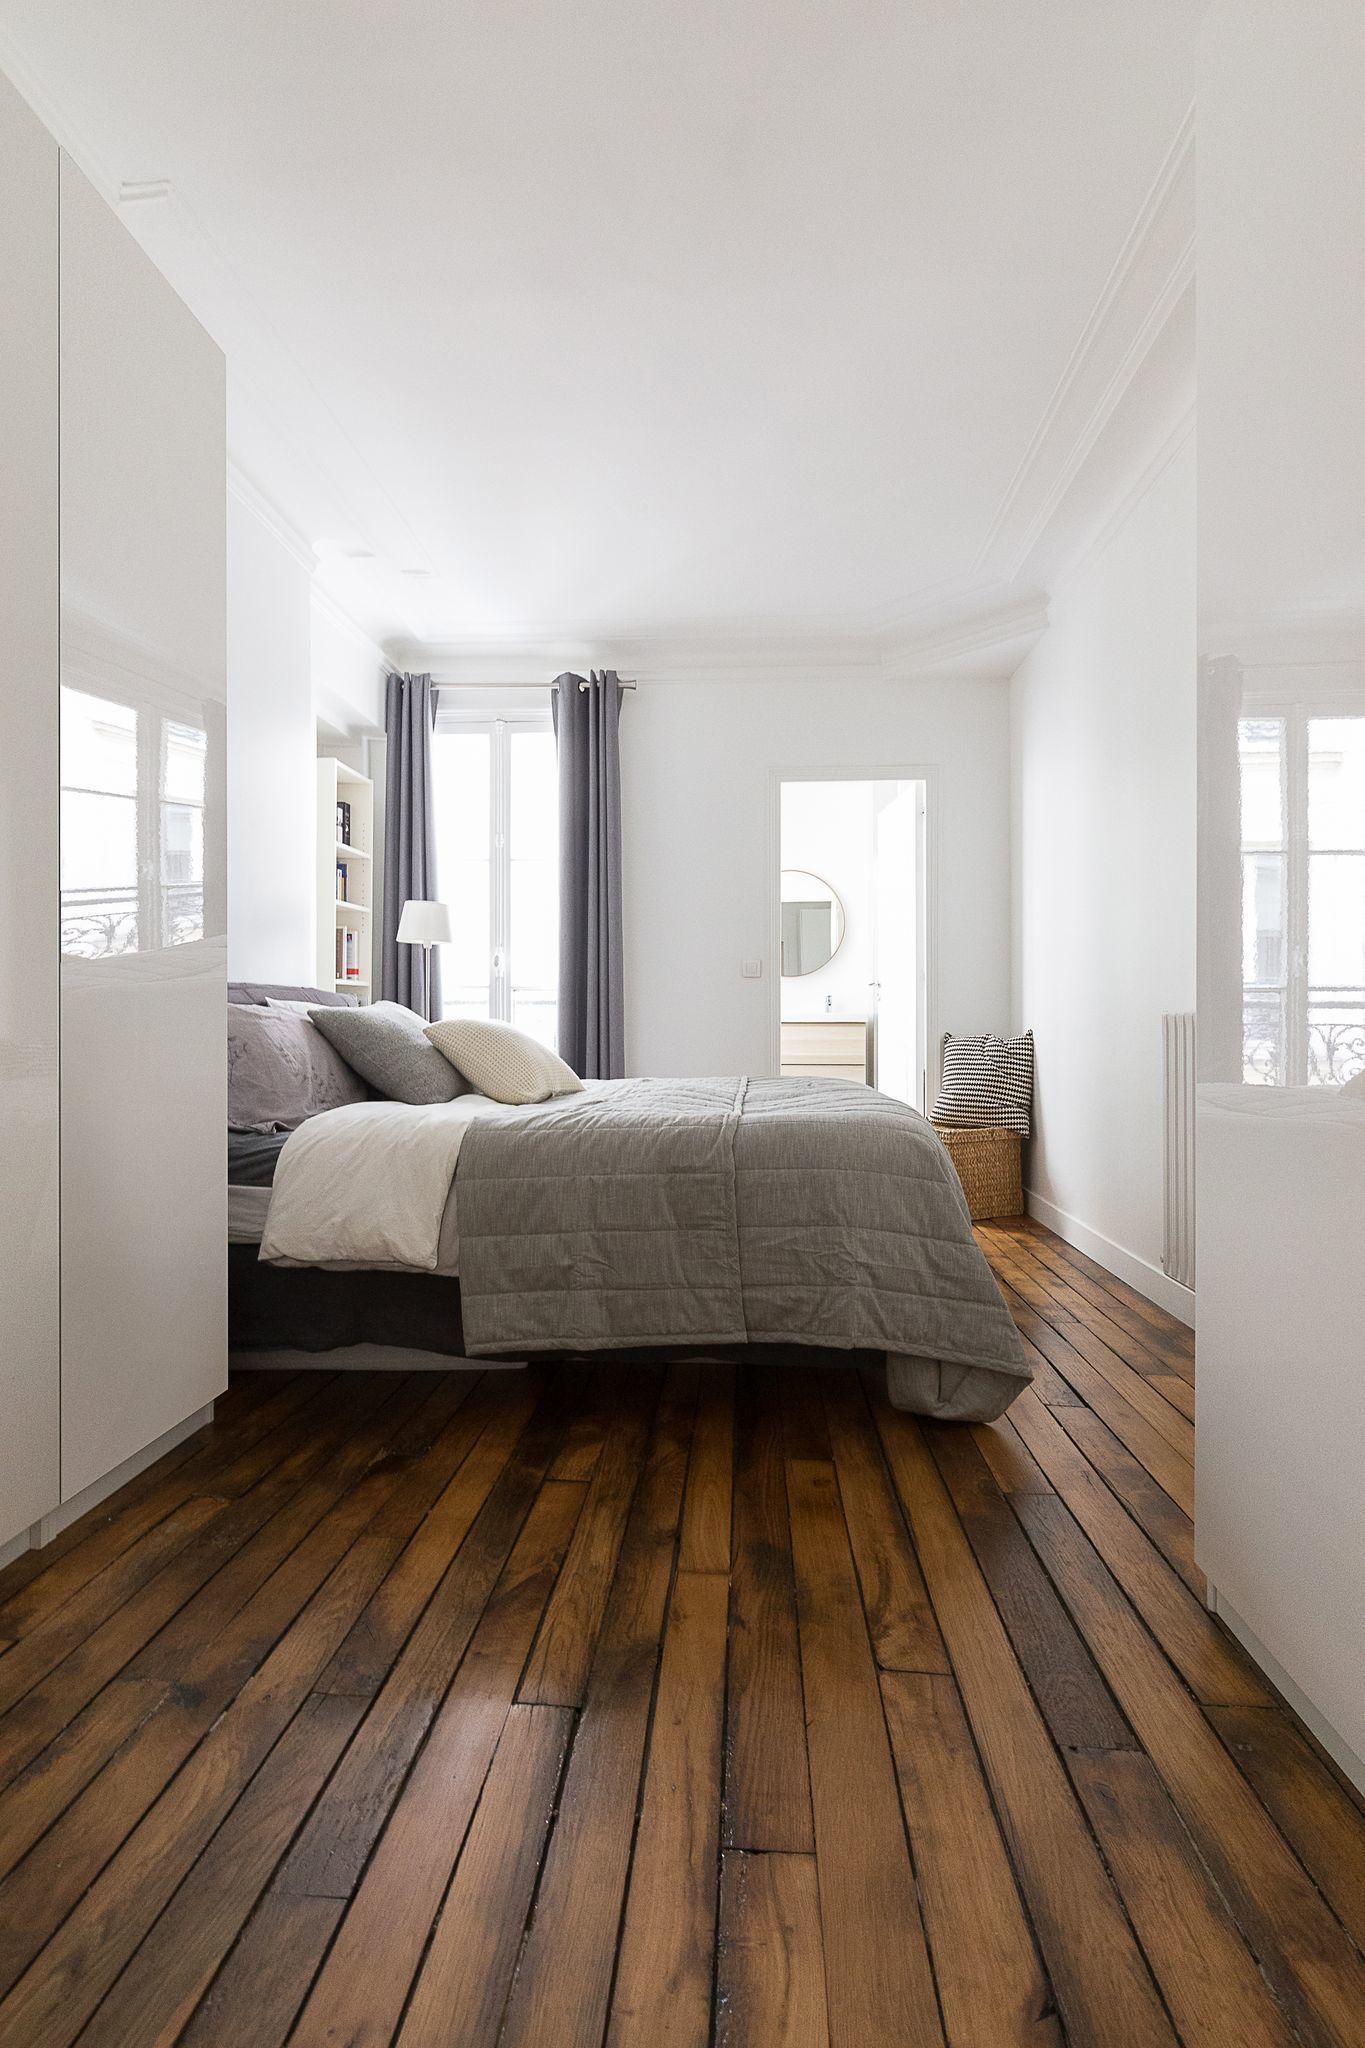 Déco chambre blanche : idées pour la réchauffer  Deco chambre